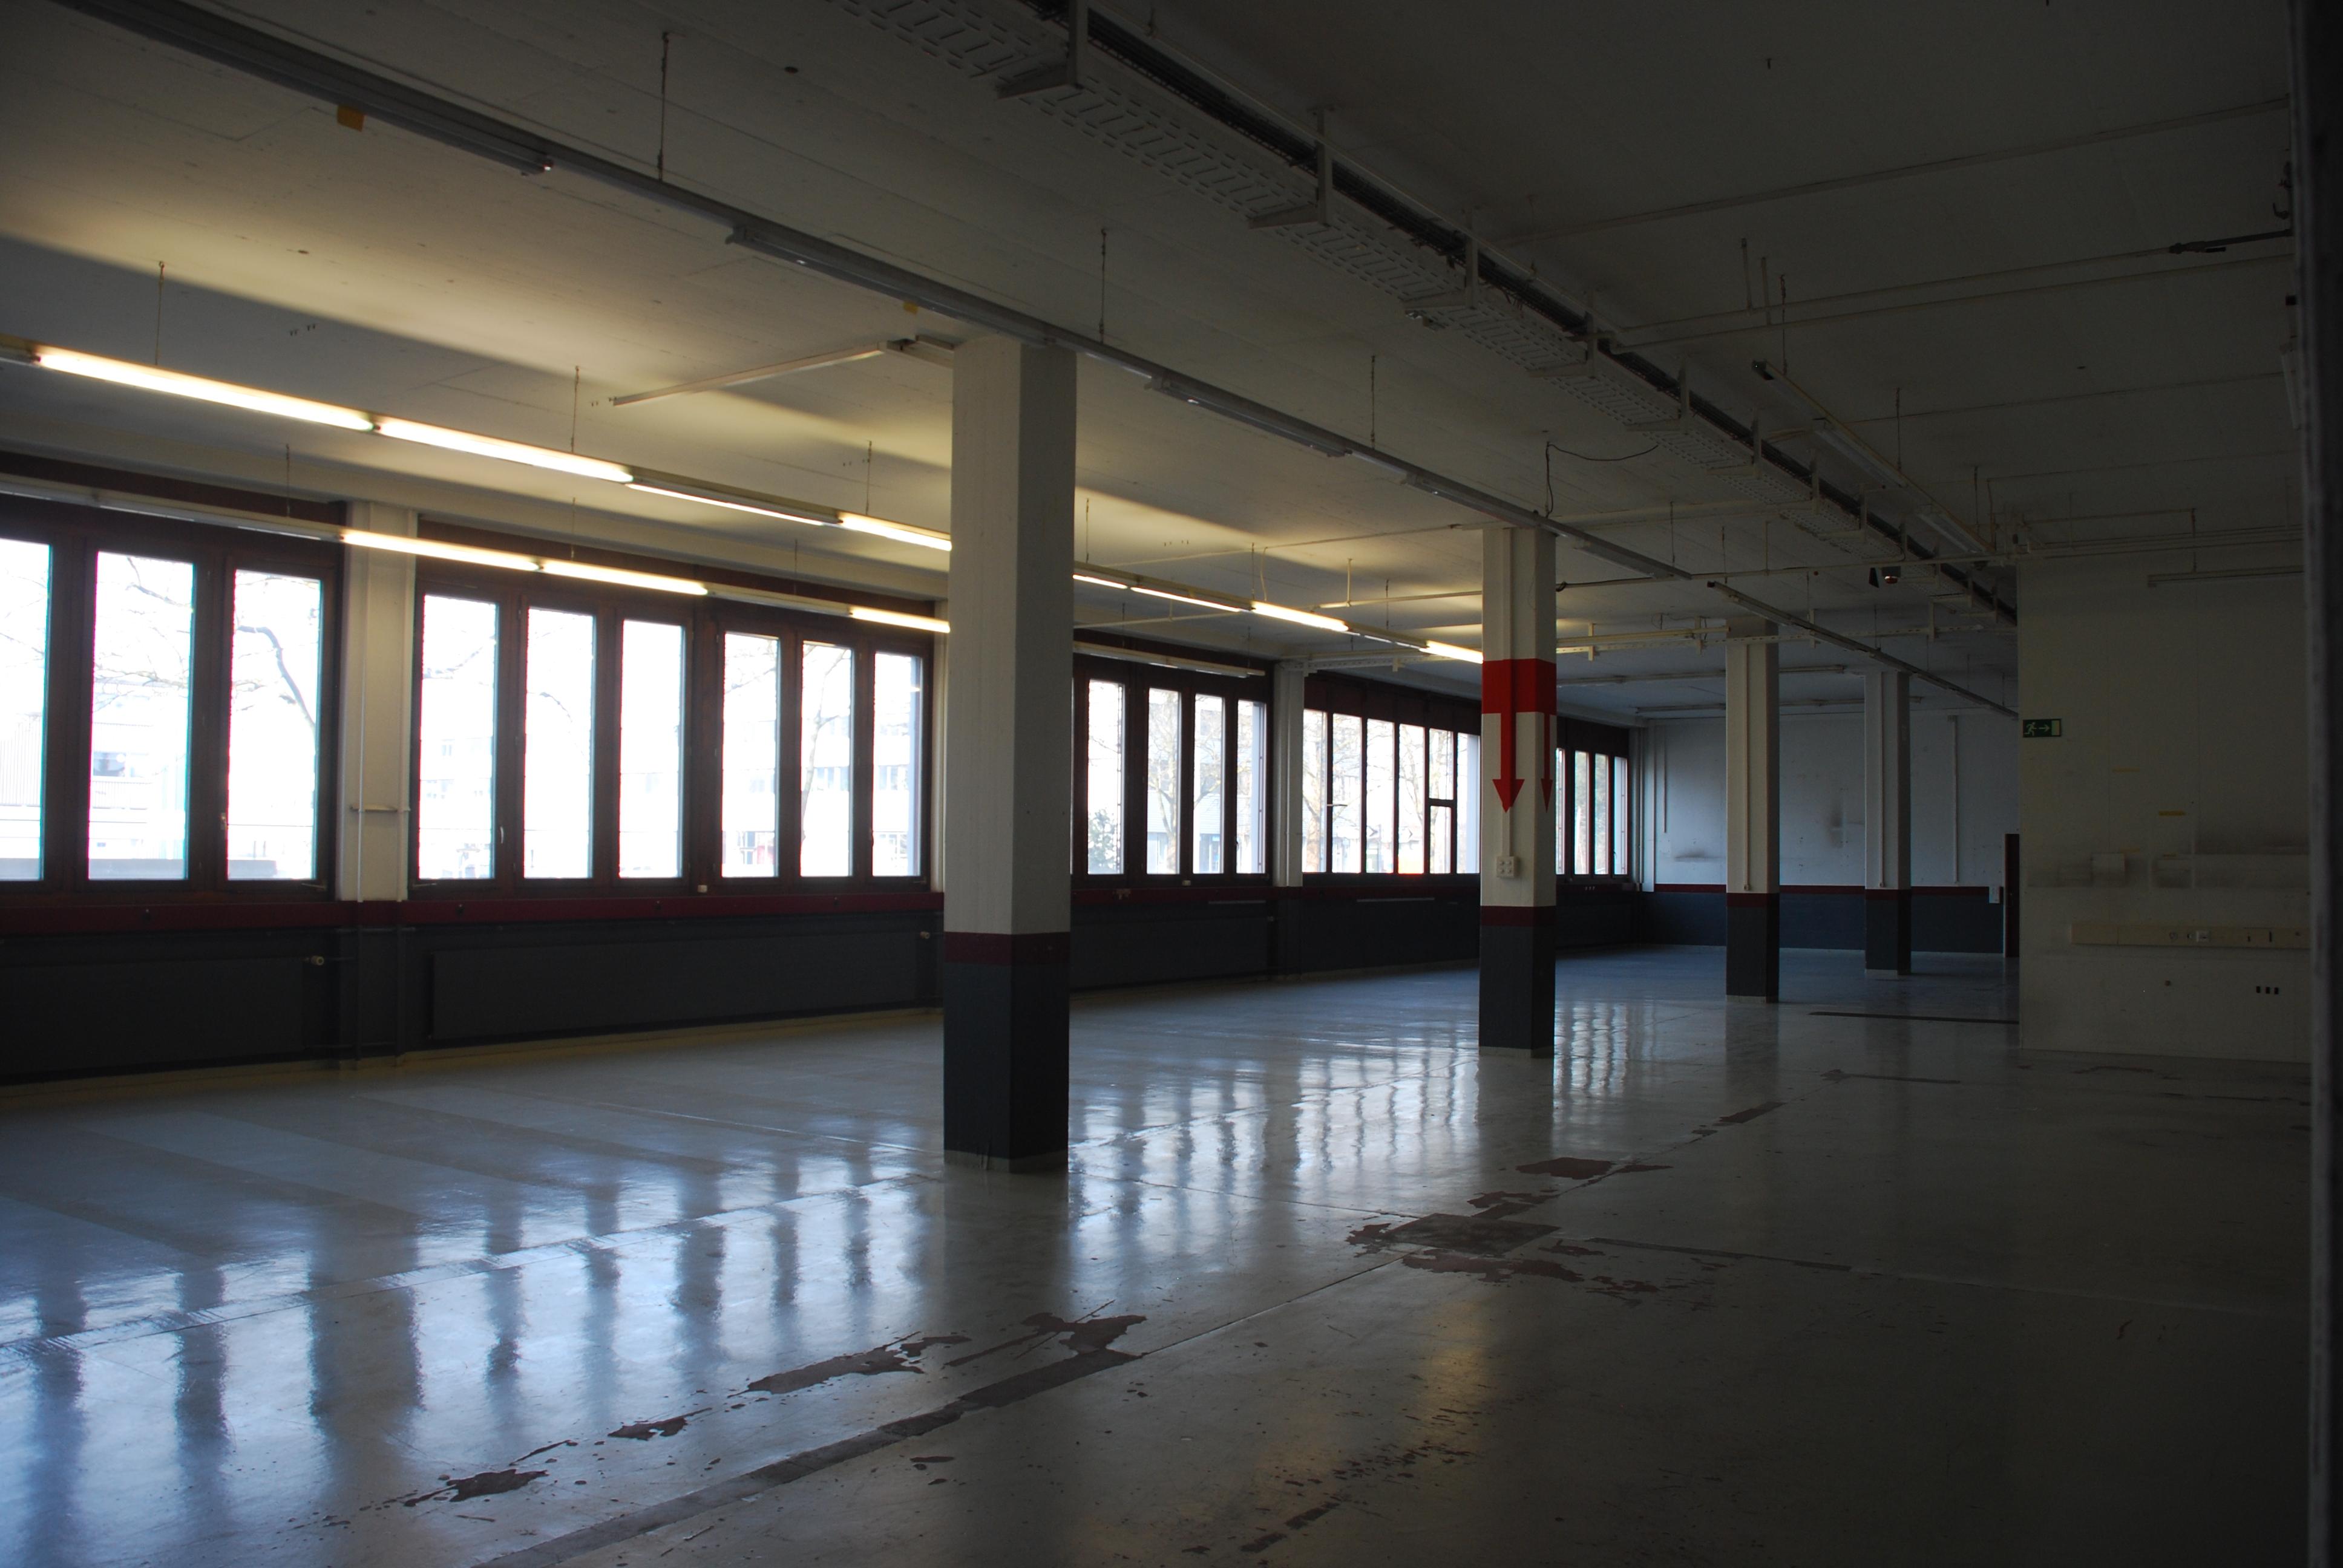 Der grösste Raum im Parterre soll den Zwischennutzern als Ausstellungsfläche zur Verfügung stehen.